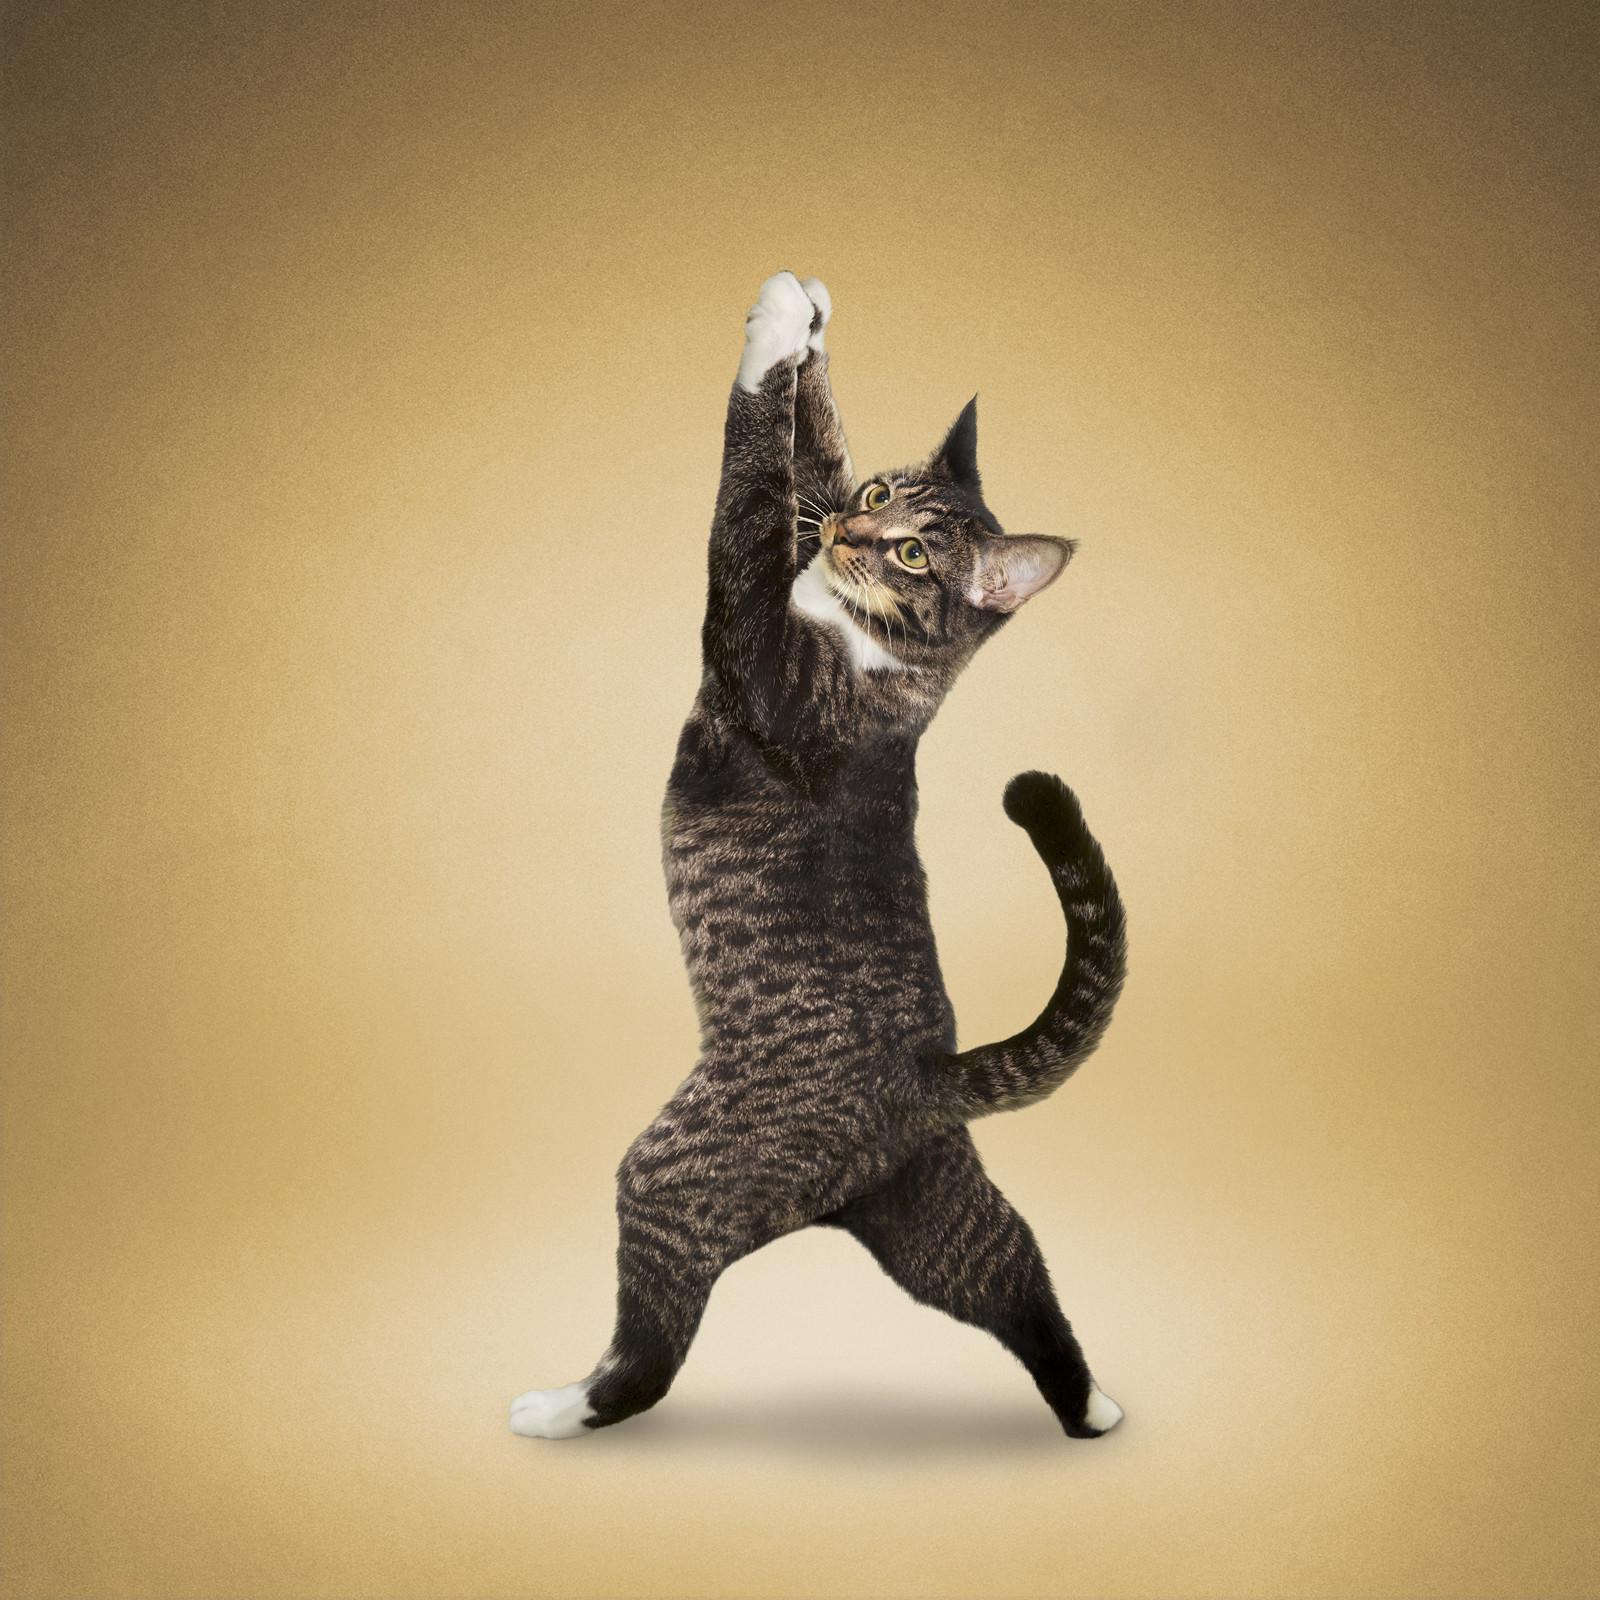 йога и животные фото картинках февраля, календарь